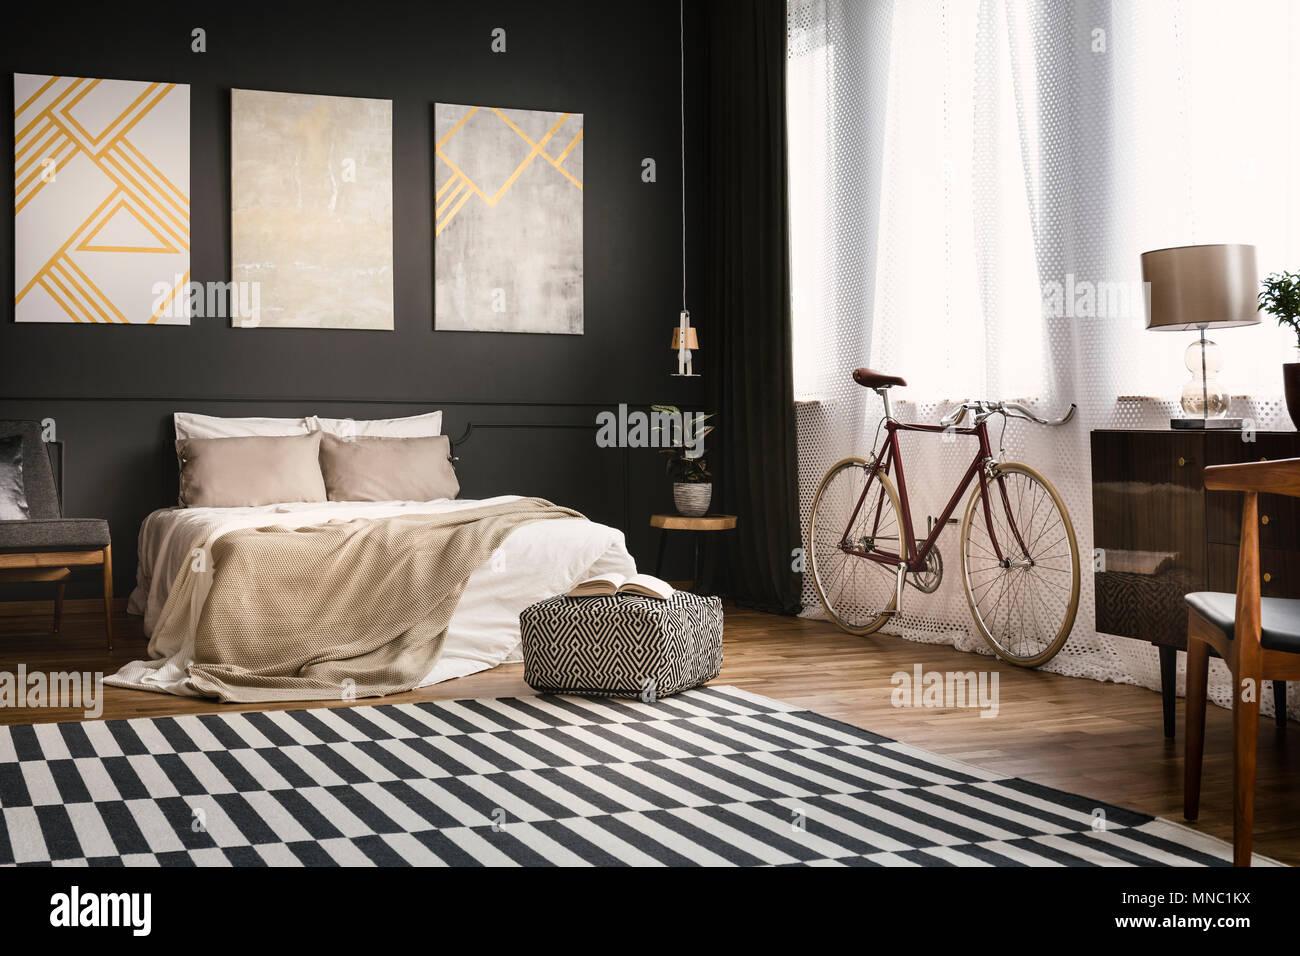 Retrò interiore camera da letto con la bici, letto, dipinti e ...